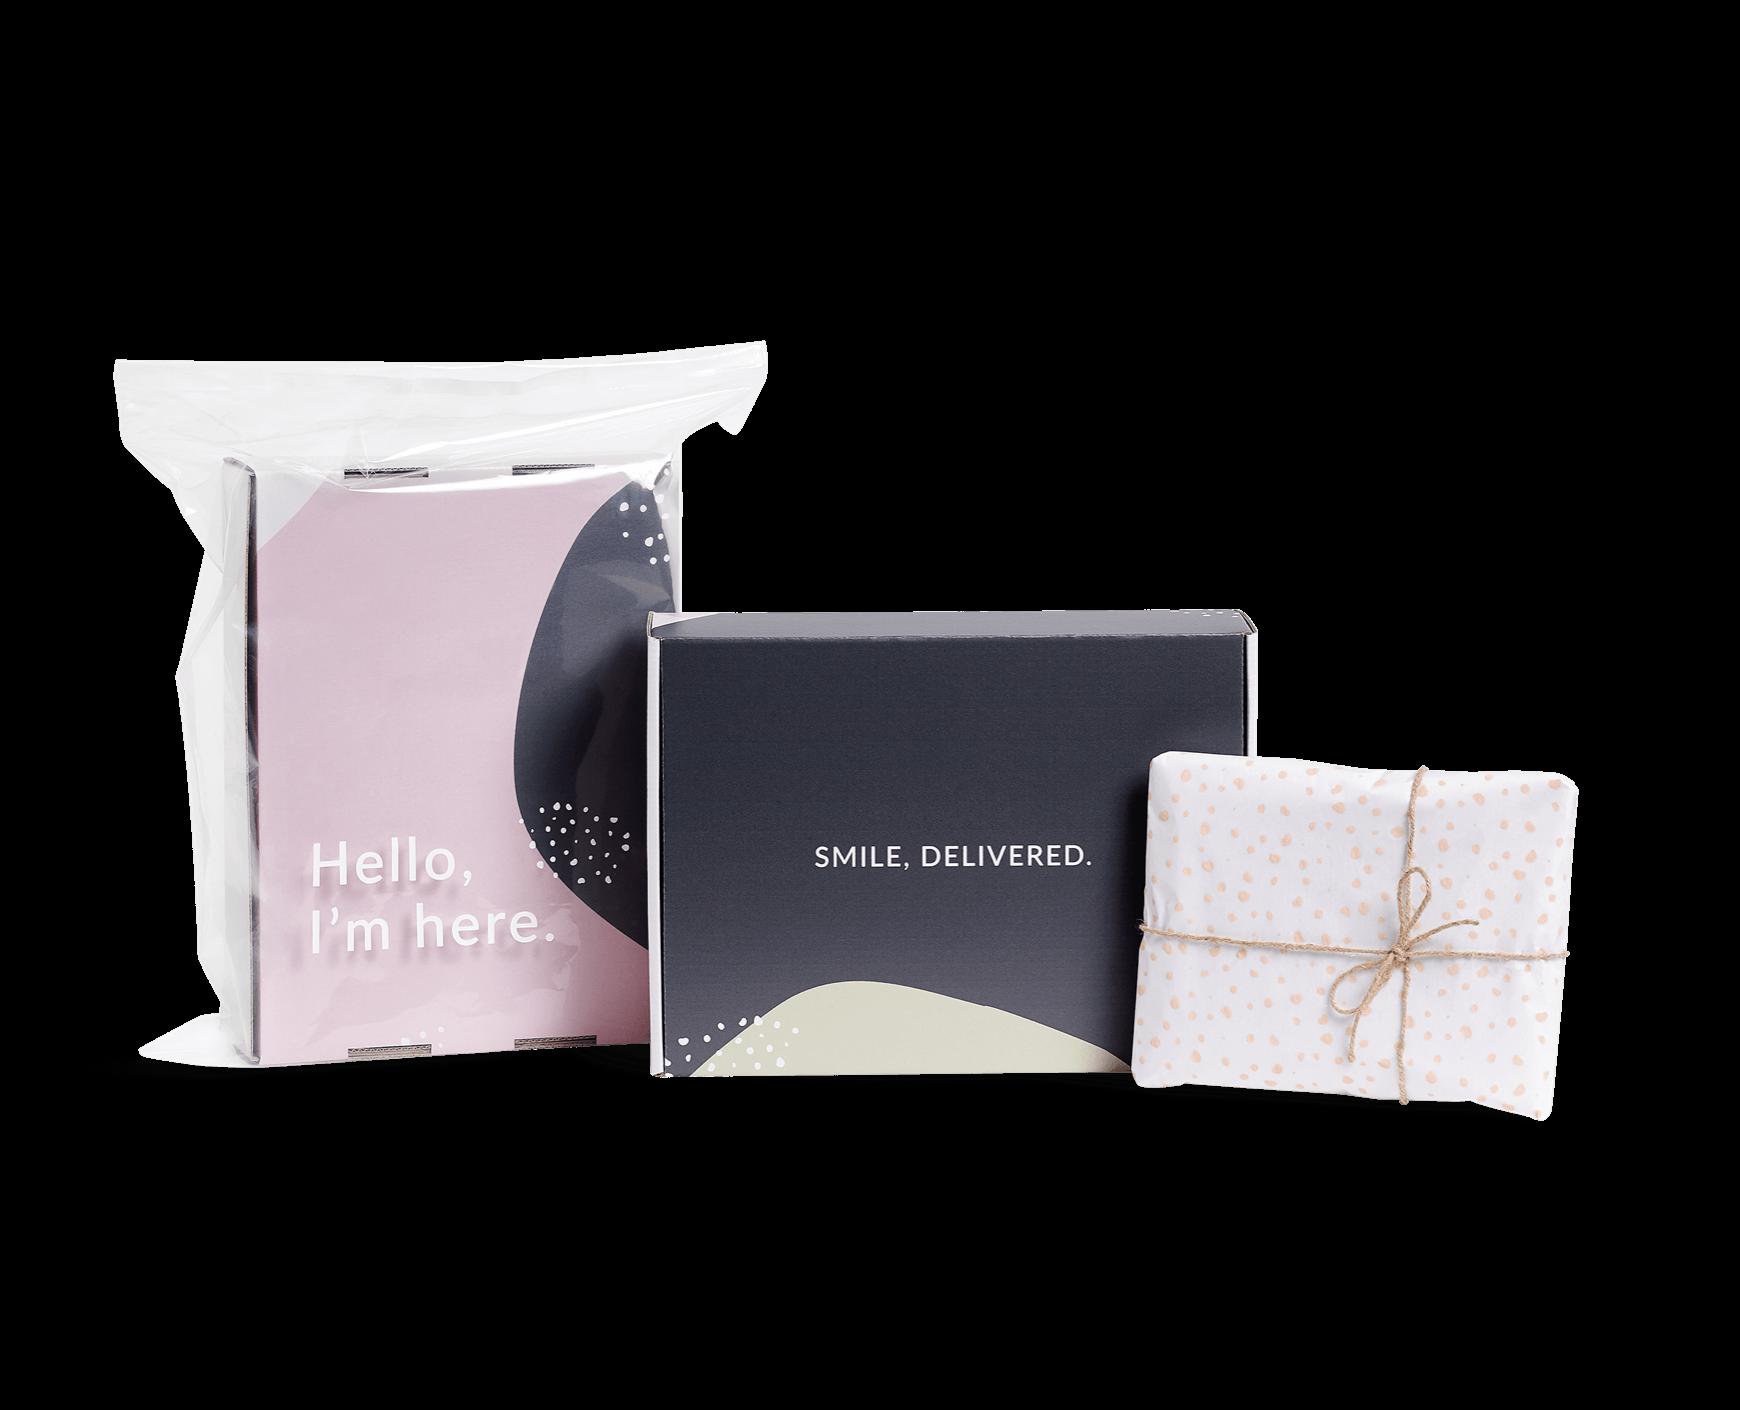 Set d'emballages couleur Packhelp avec un sac d'expédition en plastique, une boîte d'expédition et du papier de soie personnalisé